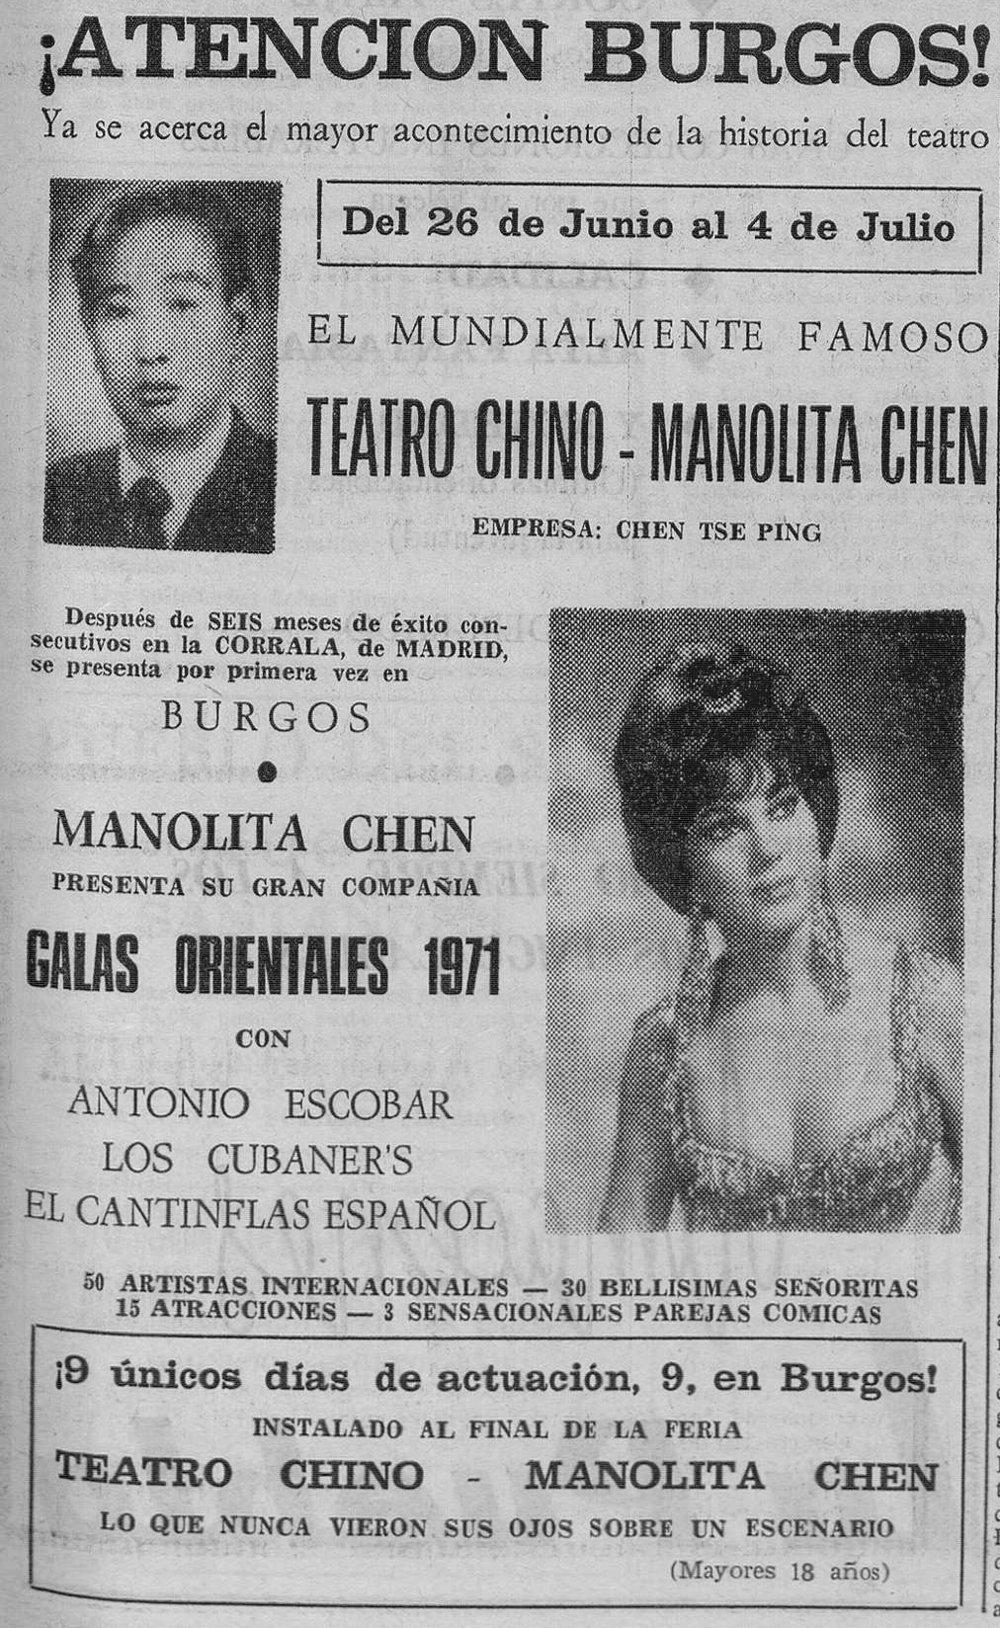 Anuncio en prensa del circo de Manolita Chen ( Diario de Burgos , 1971)